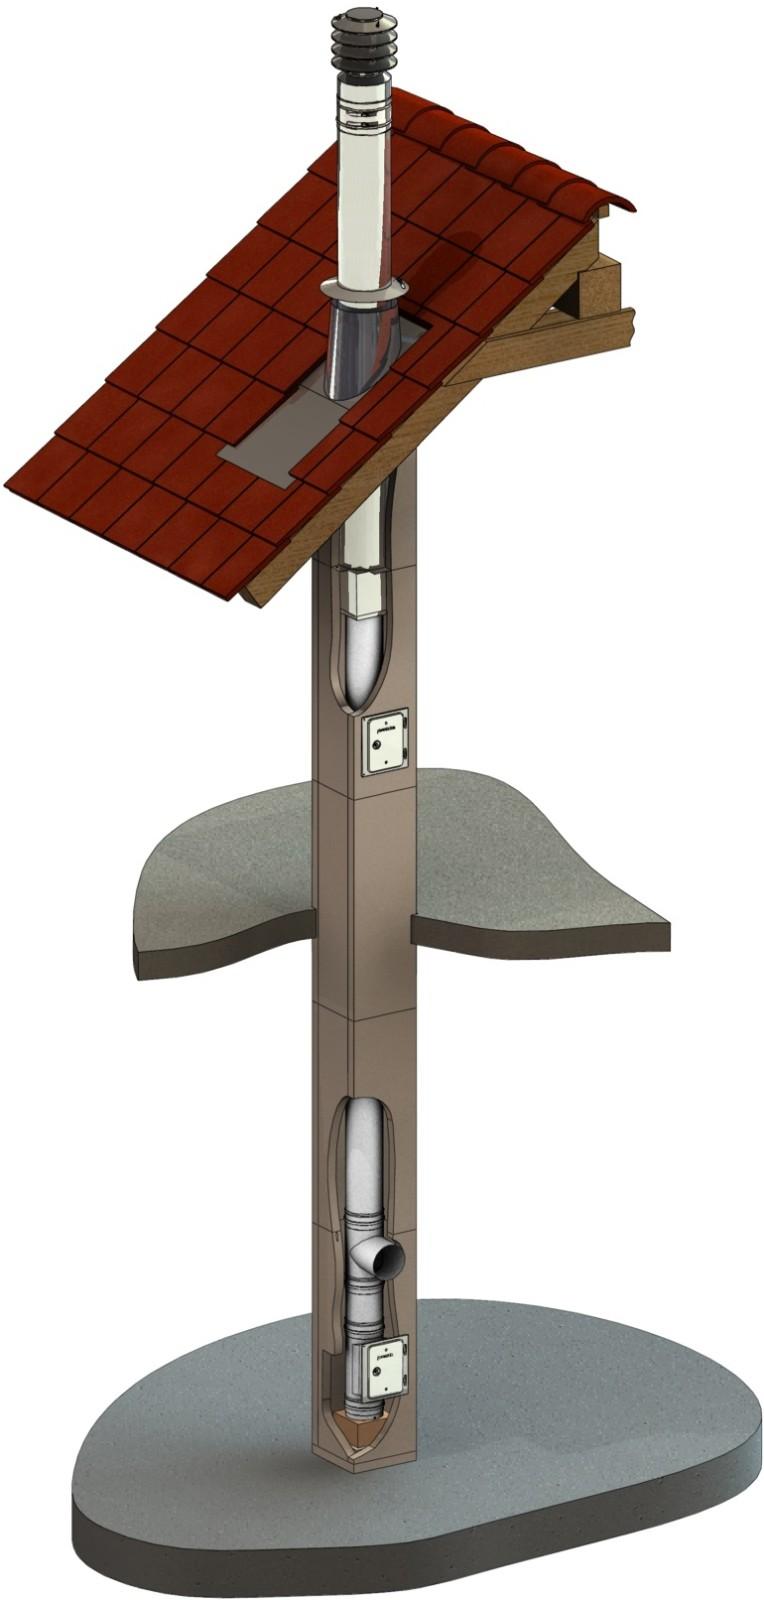 leichtbauschornstein f90 raumluftunabh ngig 160 mm schornstein fachhandel. Black Bedroom Furniture Sets. Home Design Ideas